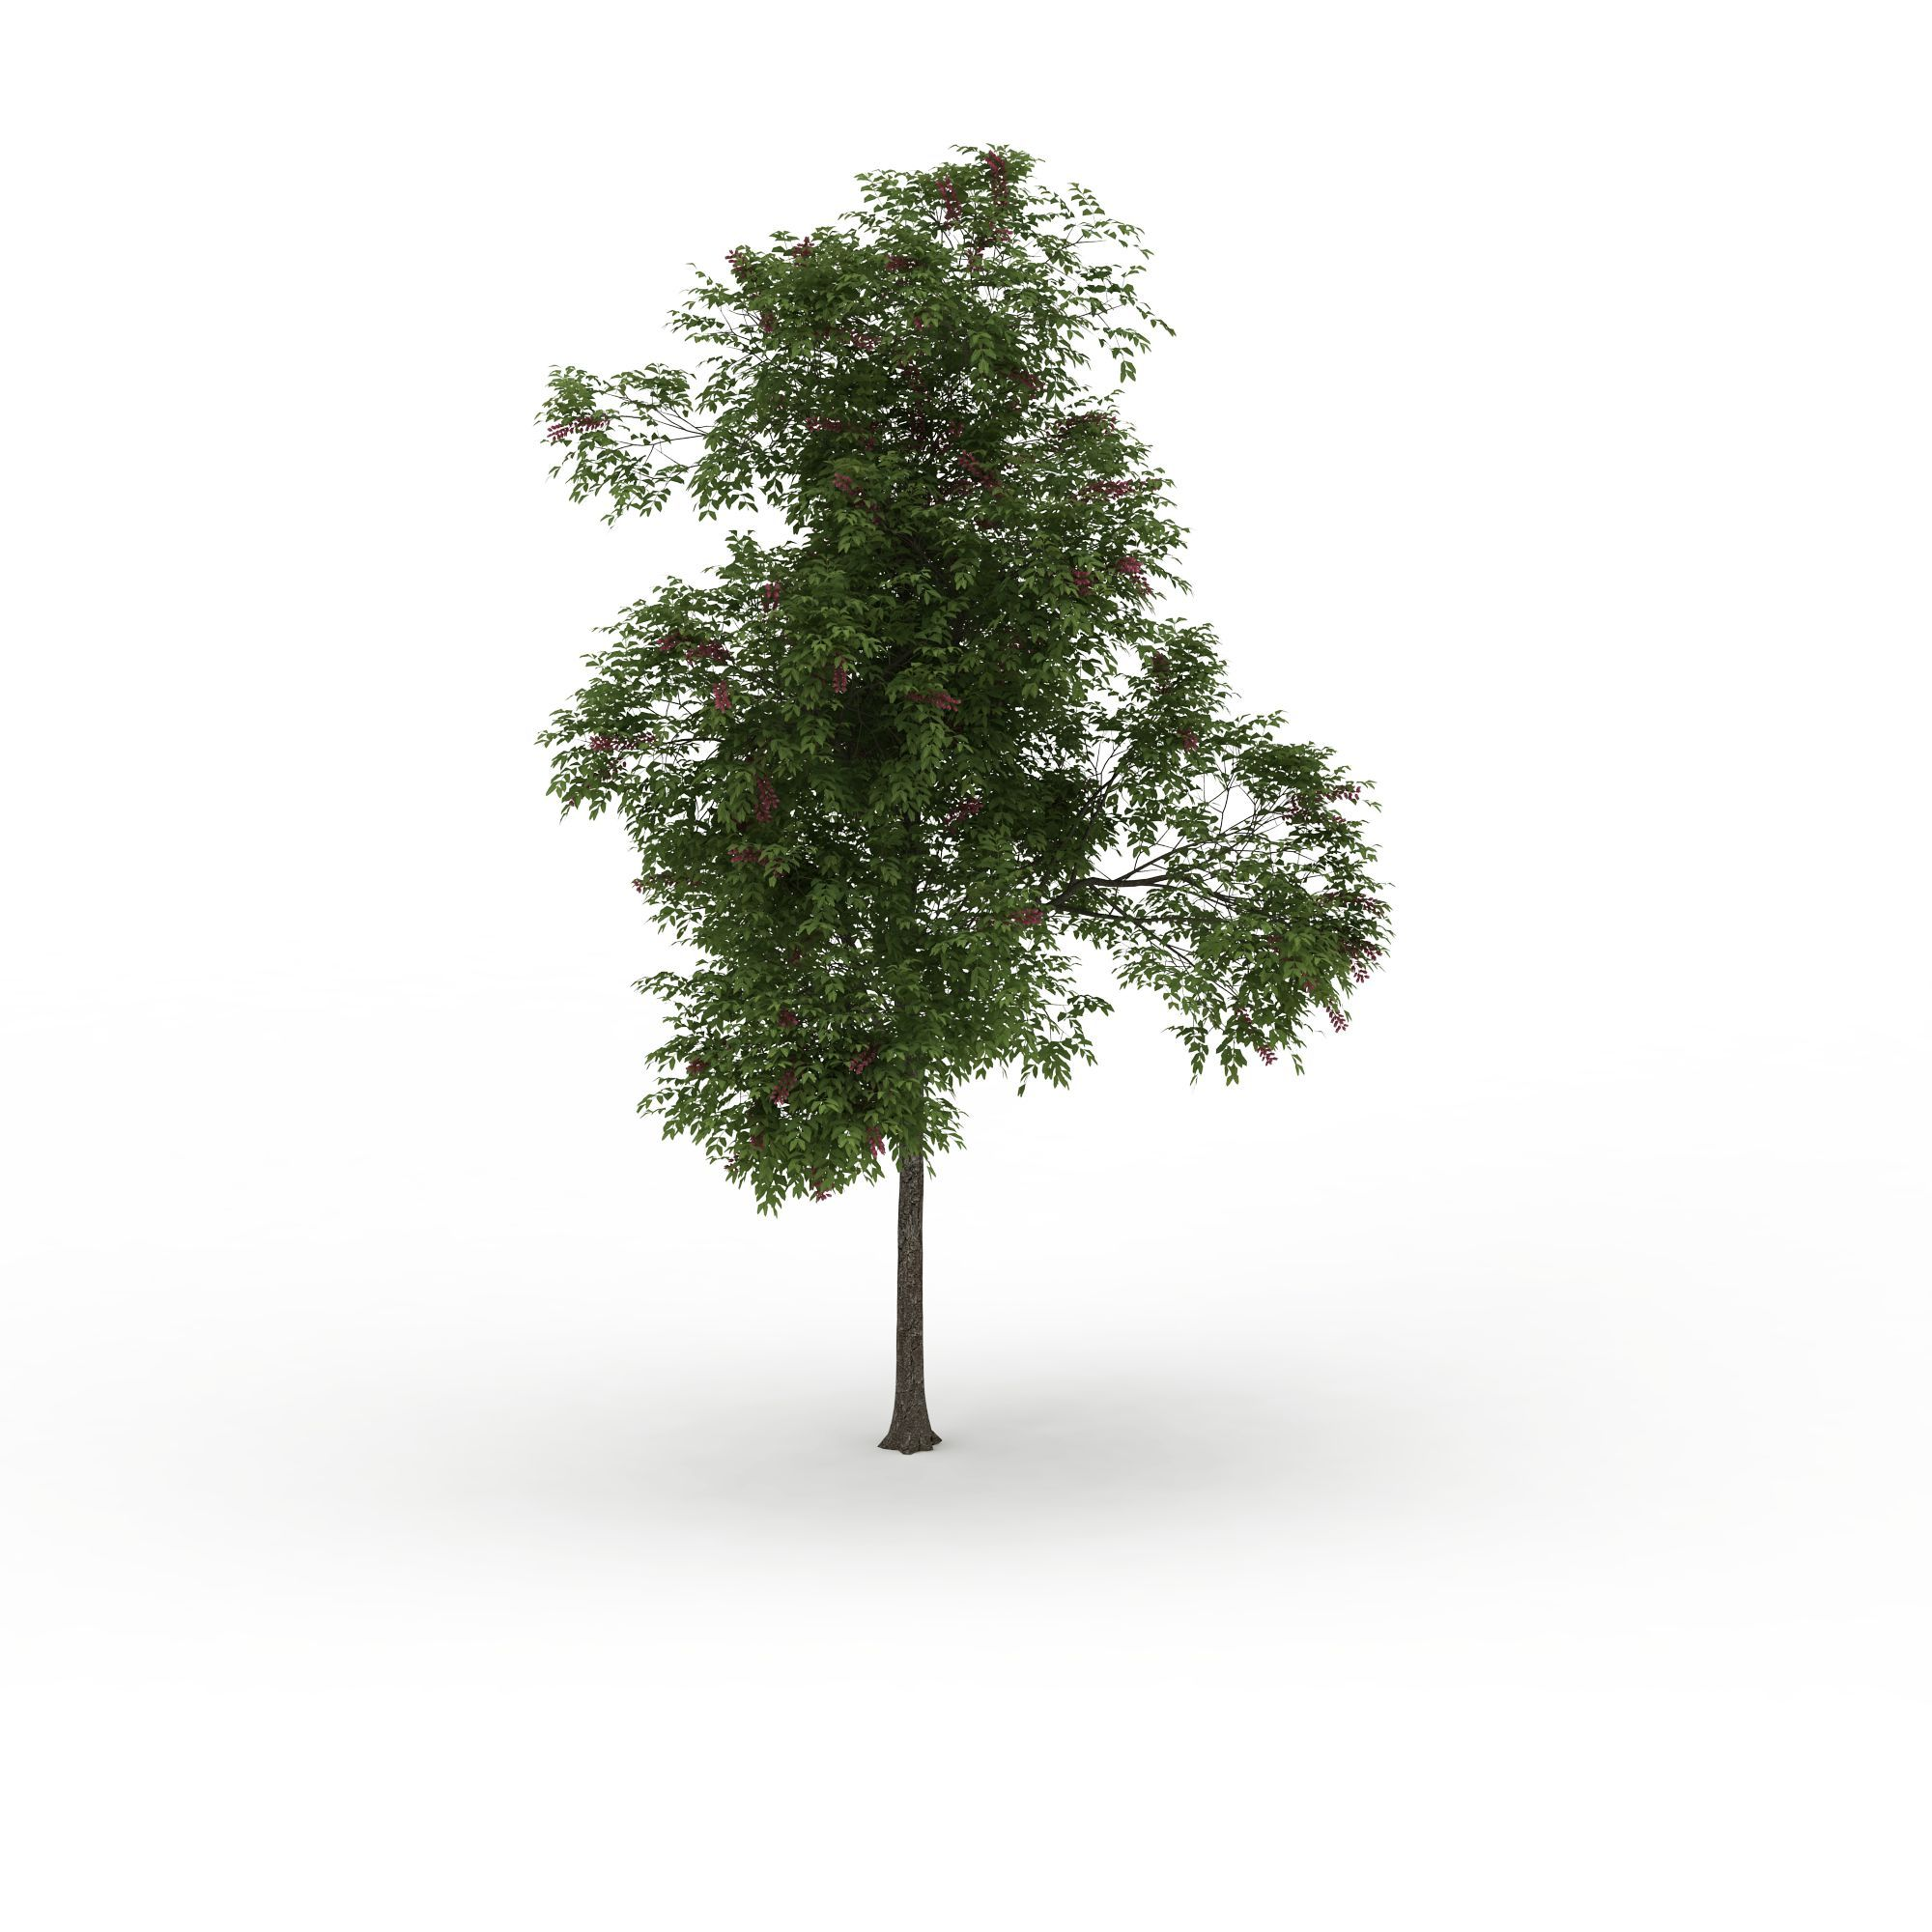 庭院景观落叶树高清图详情 设计师 3d学院 模型名称 庭院景观落叶树图片